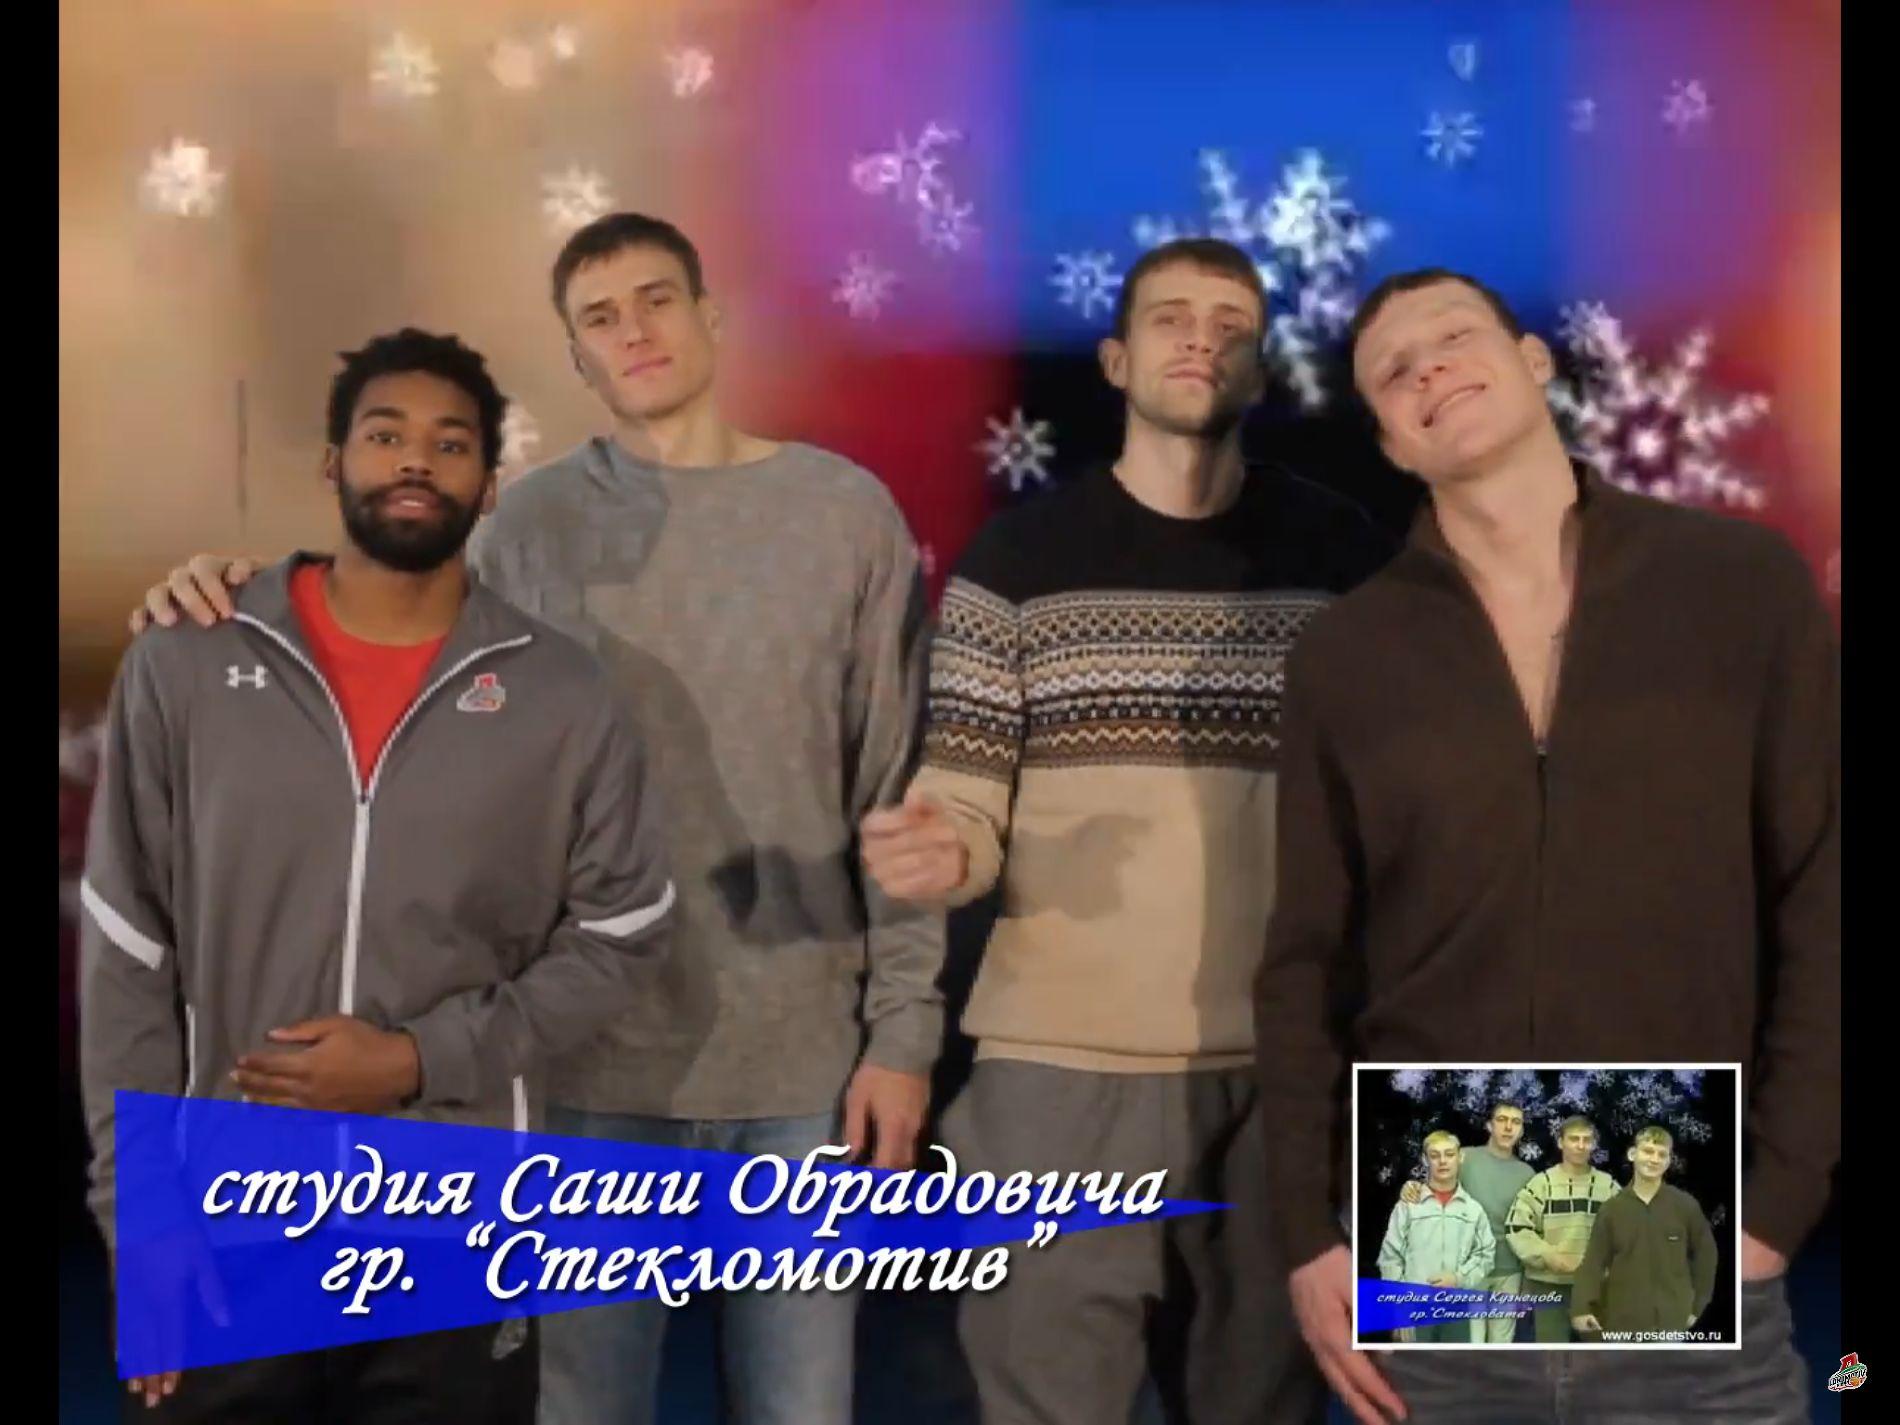 Баскетболисты «Локомотива-Кубани» исполнили кавер нахит группы «Стекловата»